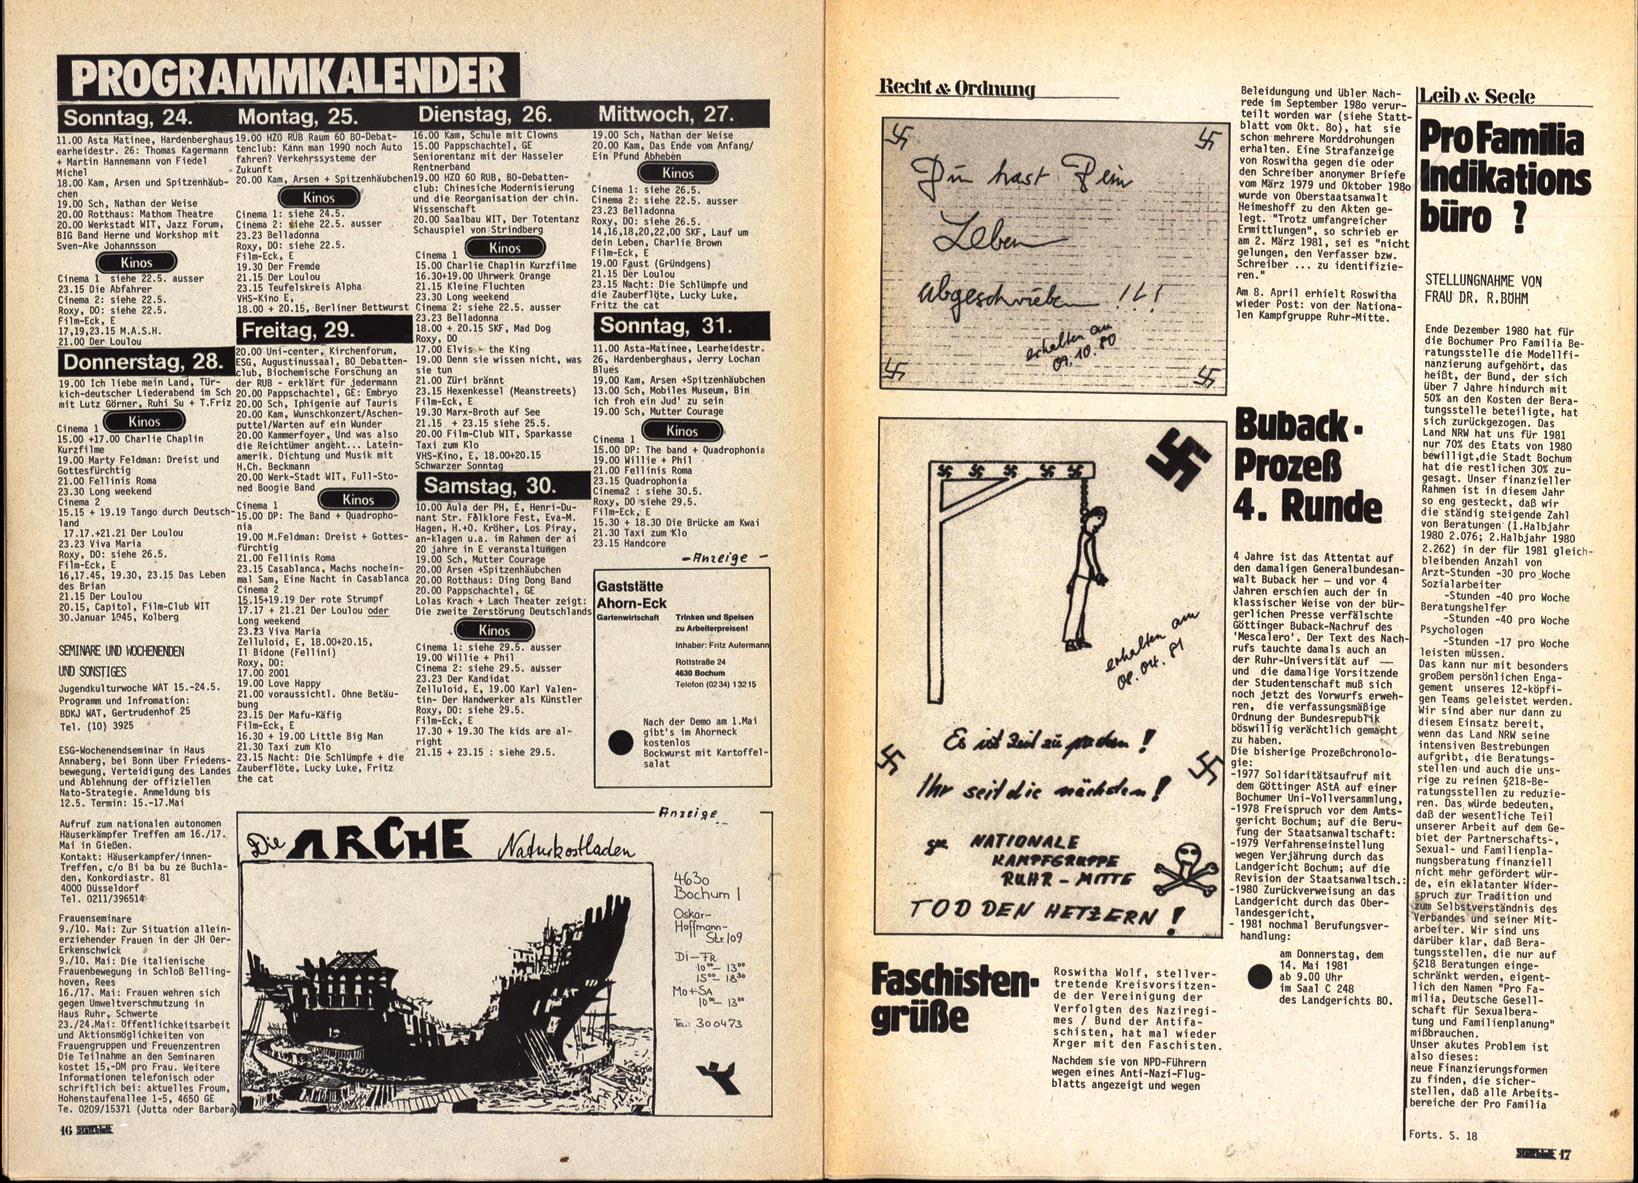 Bochum_Stattblatt_19810500_48_09